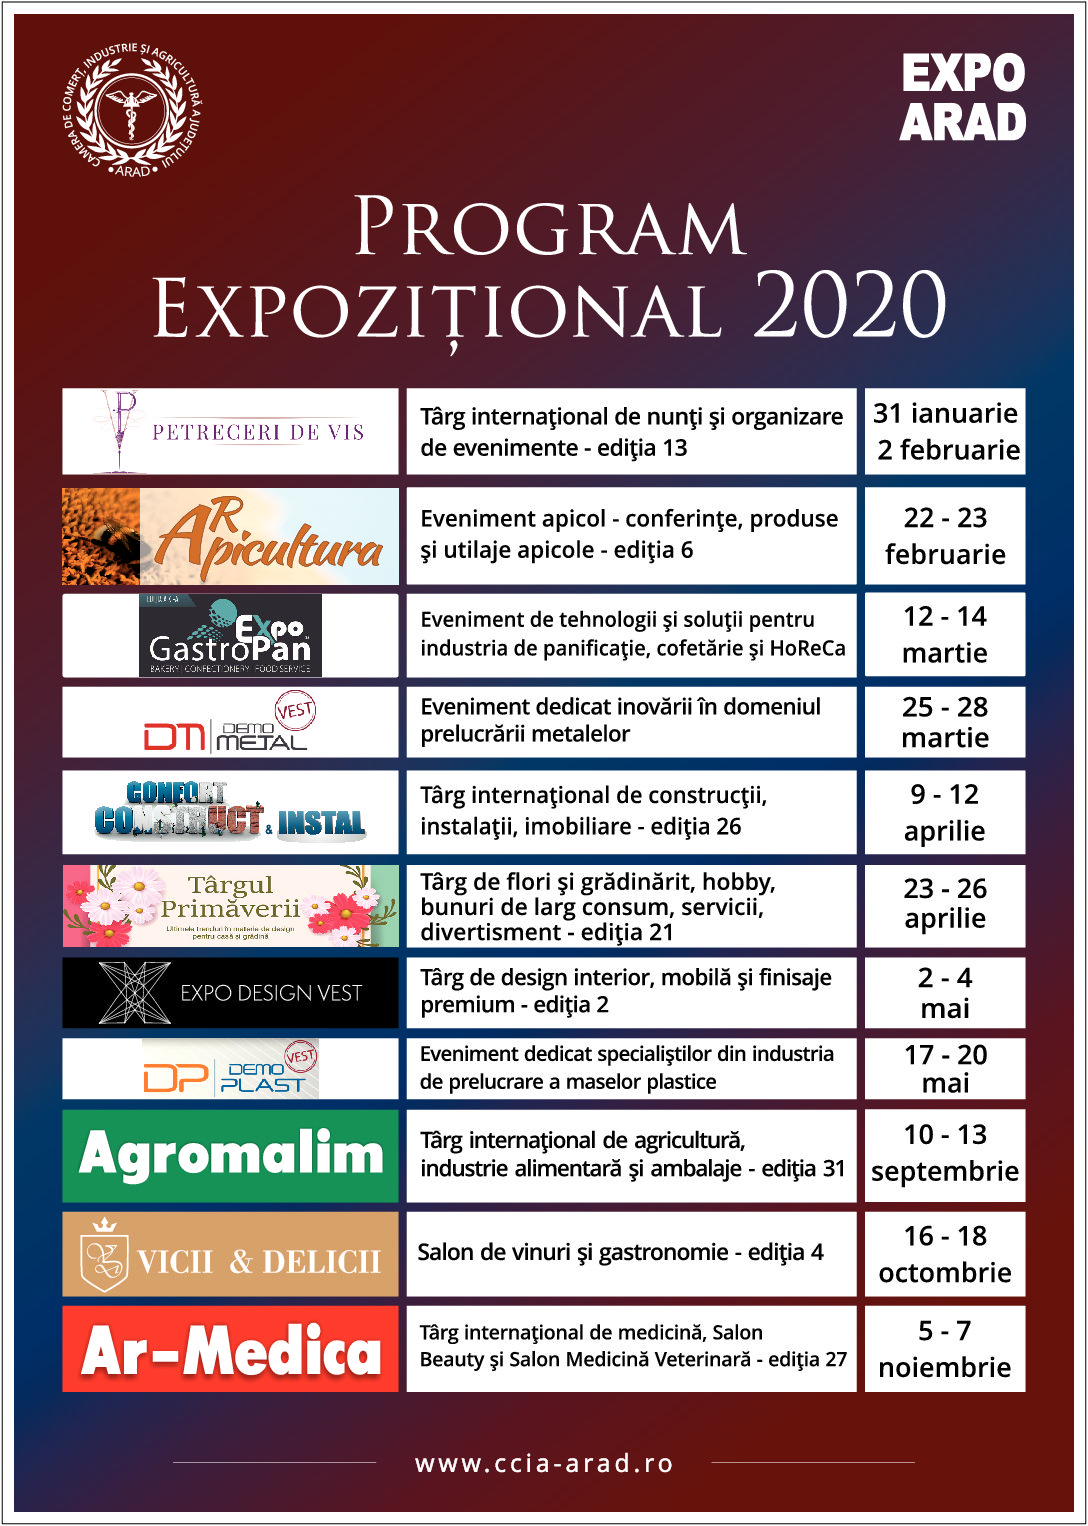 Ce TÂRGURI vor putea vizita arădenii la EXPO ARAD anul acesta